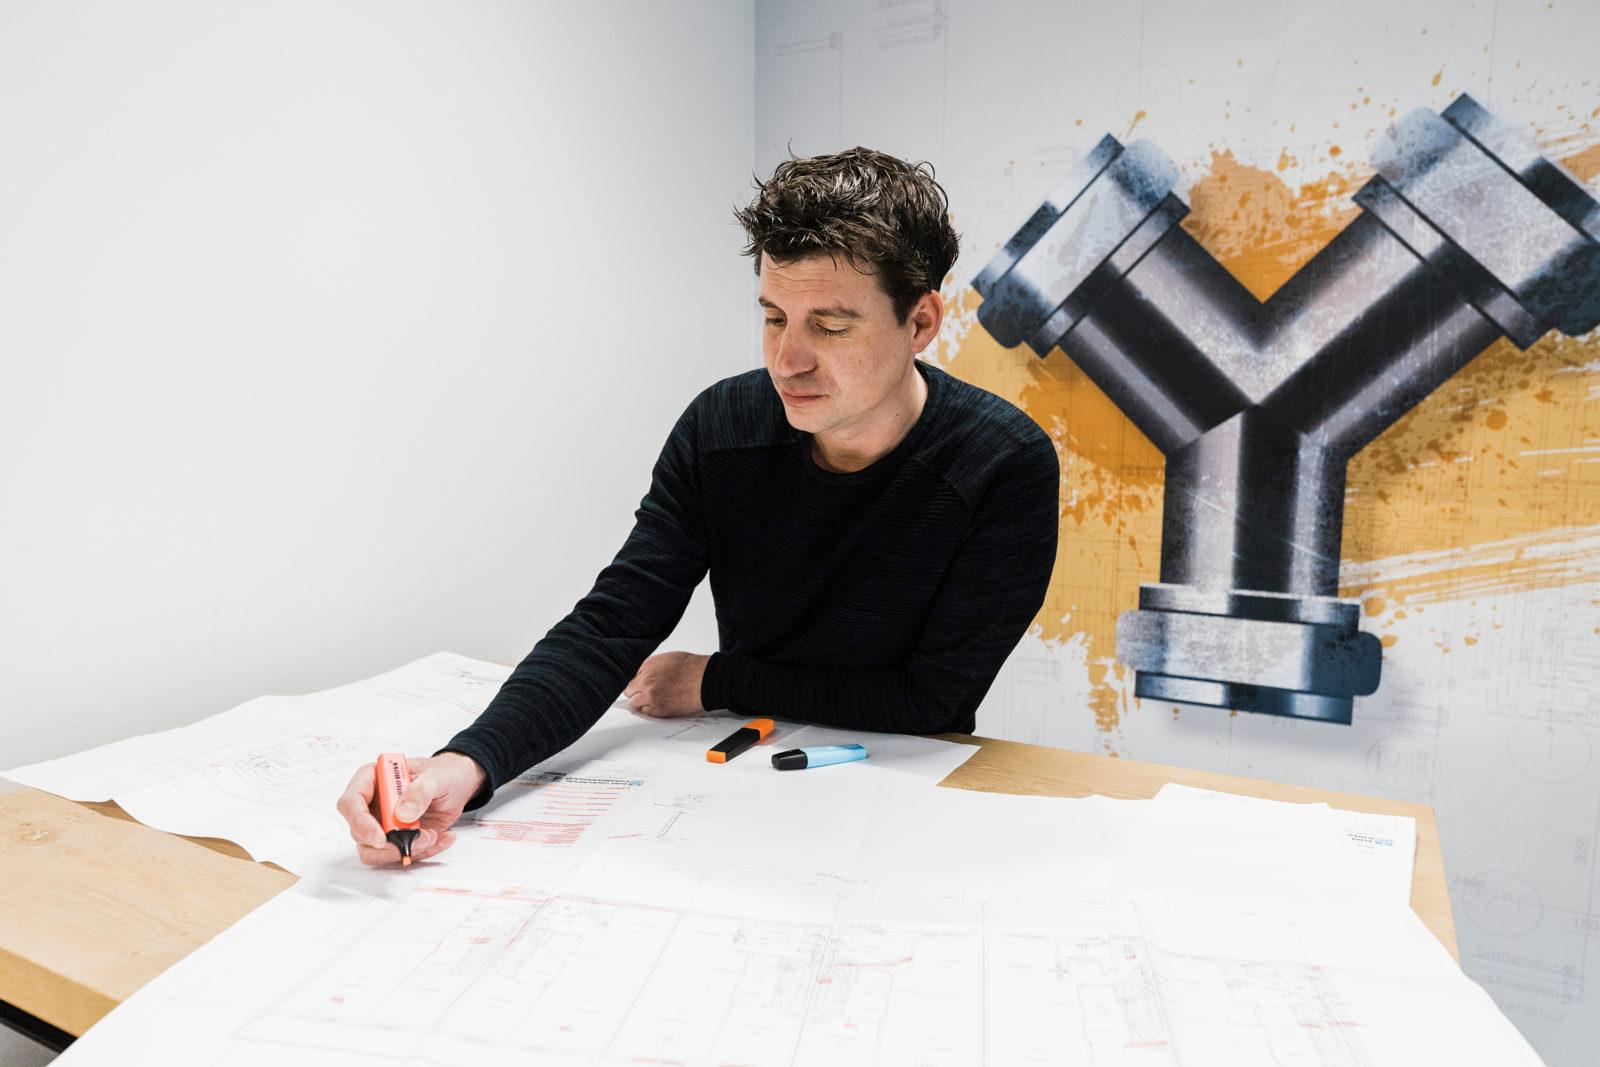 bedrijfsfotografie-installatiebedrijf-zni-samenwerking-fairsterk-heisa